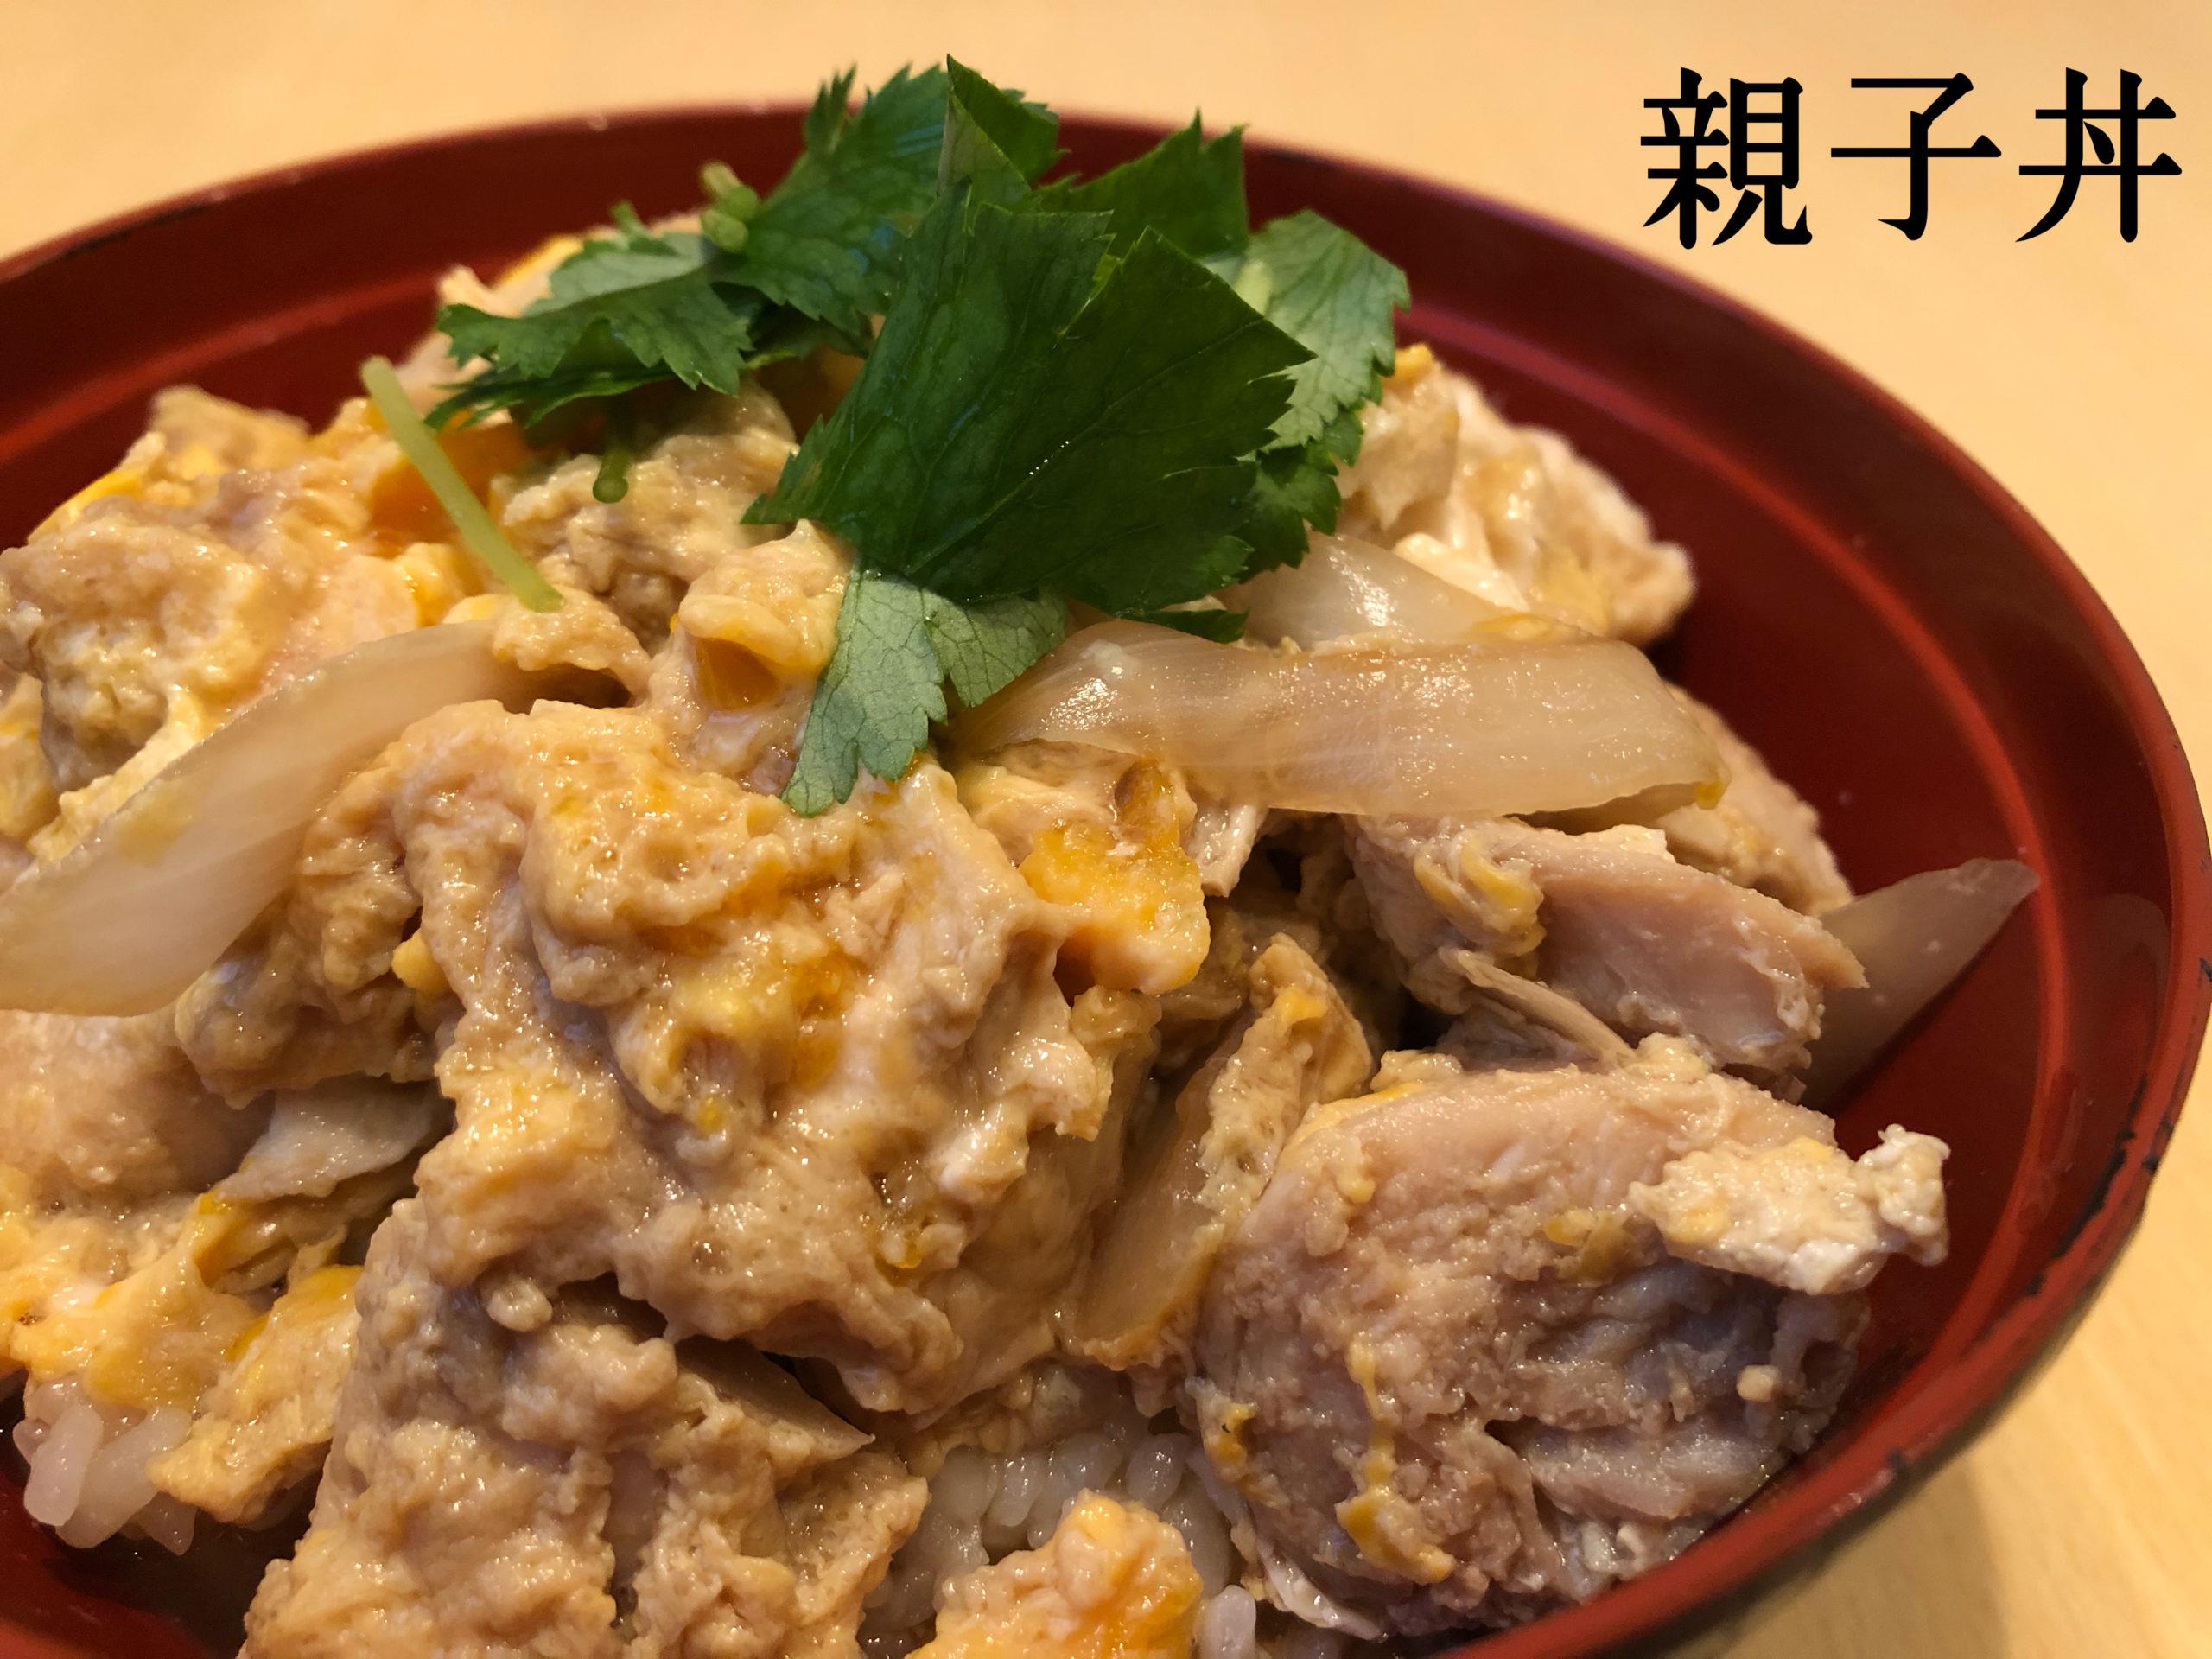 鶏ハムの親子丼